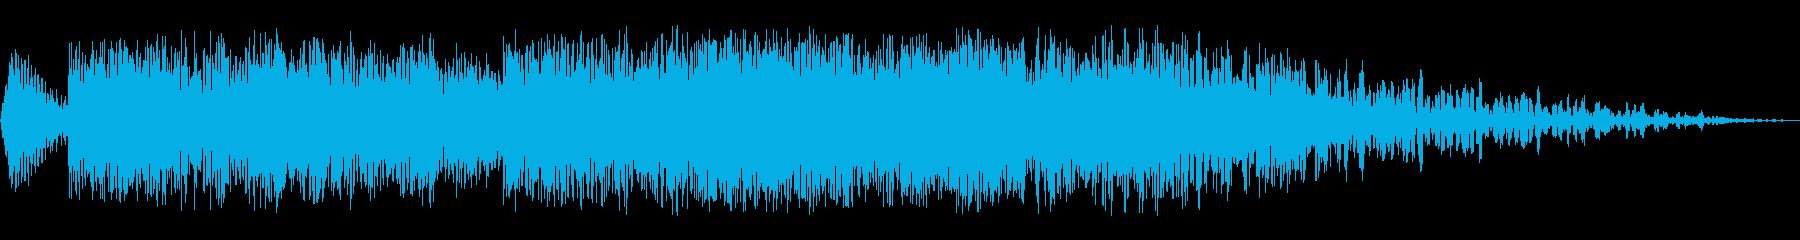 天体イベント1の再生済みの波形